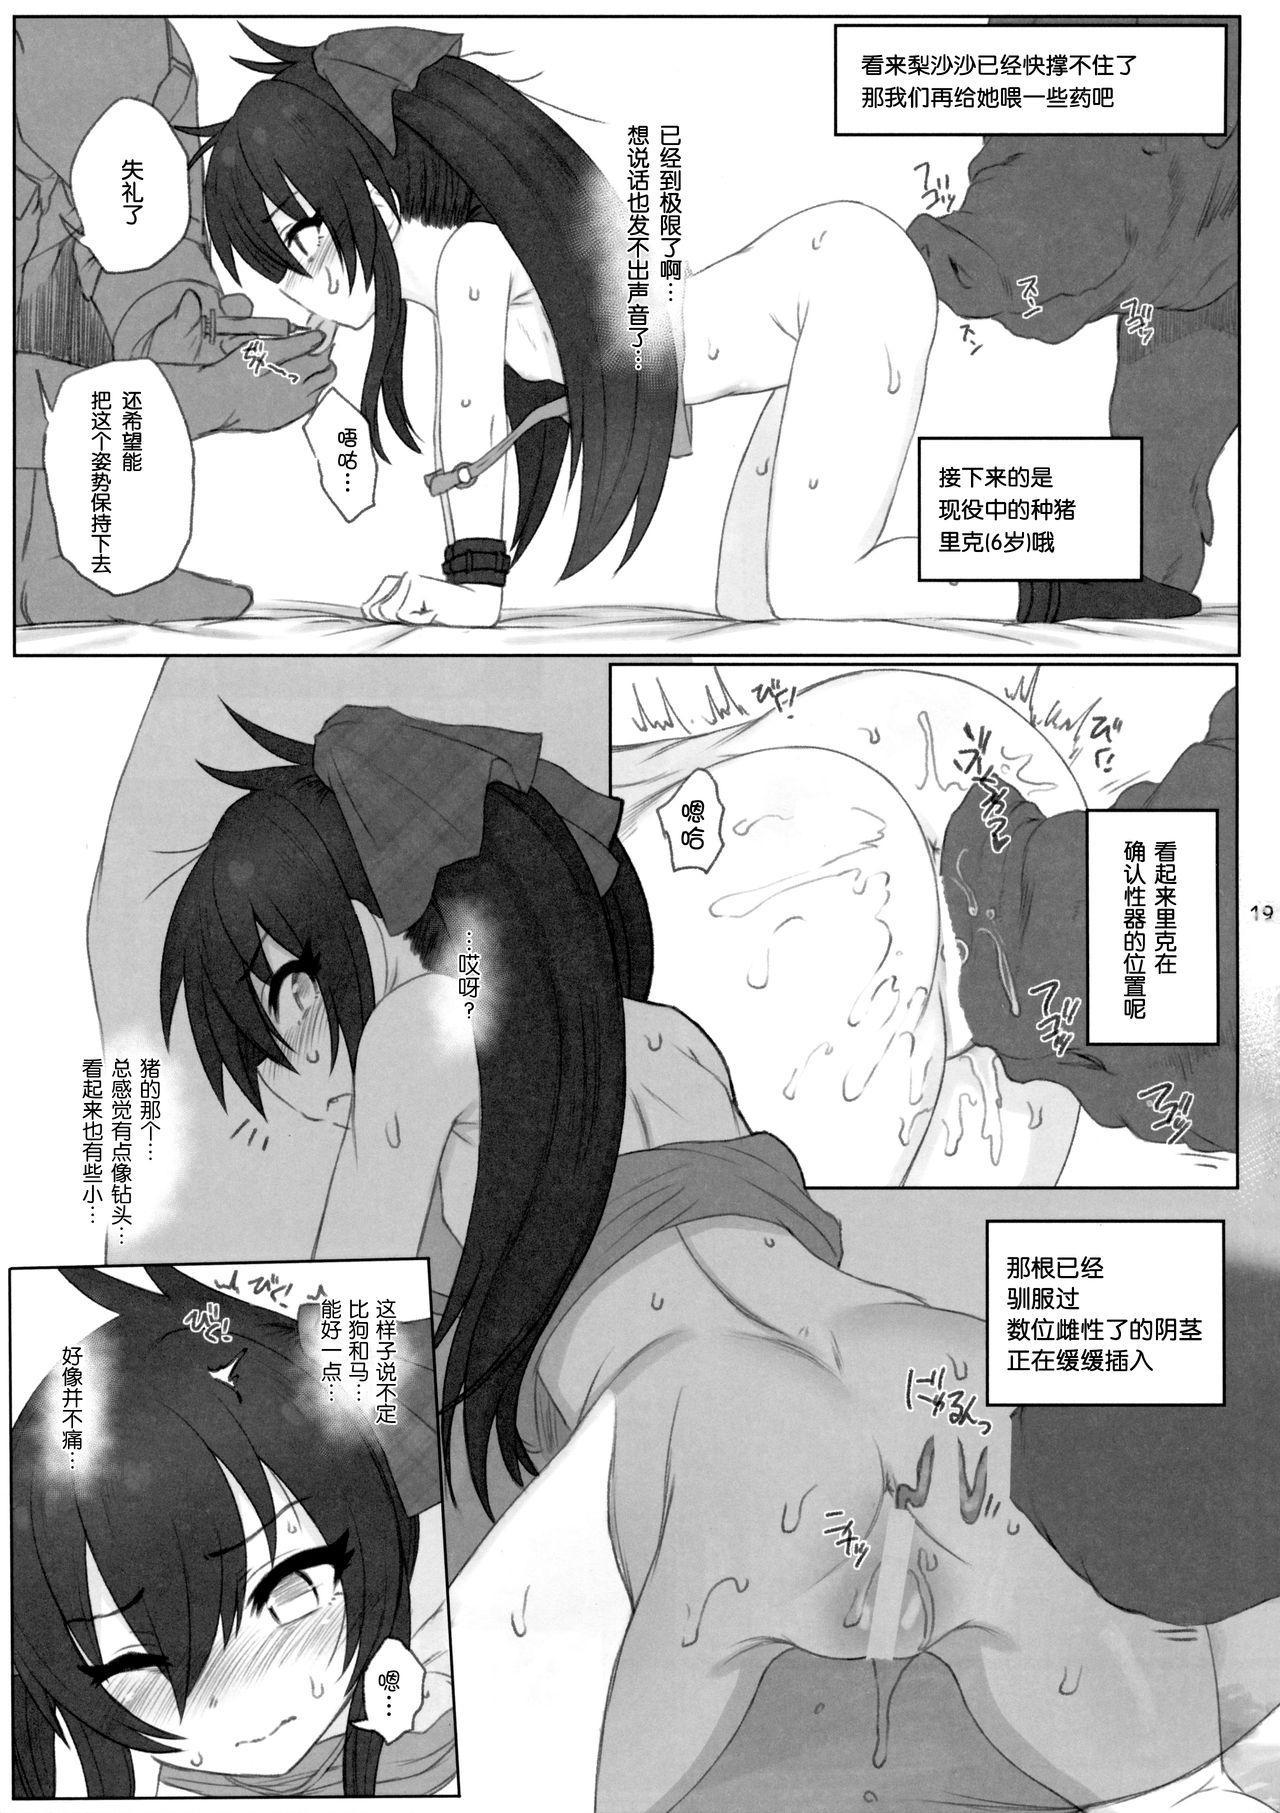 Matoba Risa-chan de Manabu Doubutsu no Koubi 18